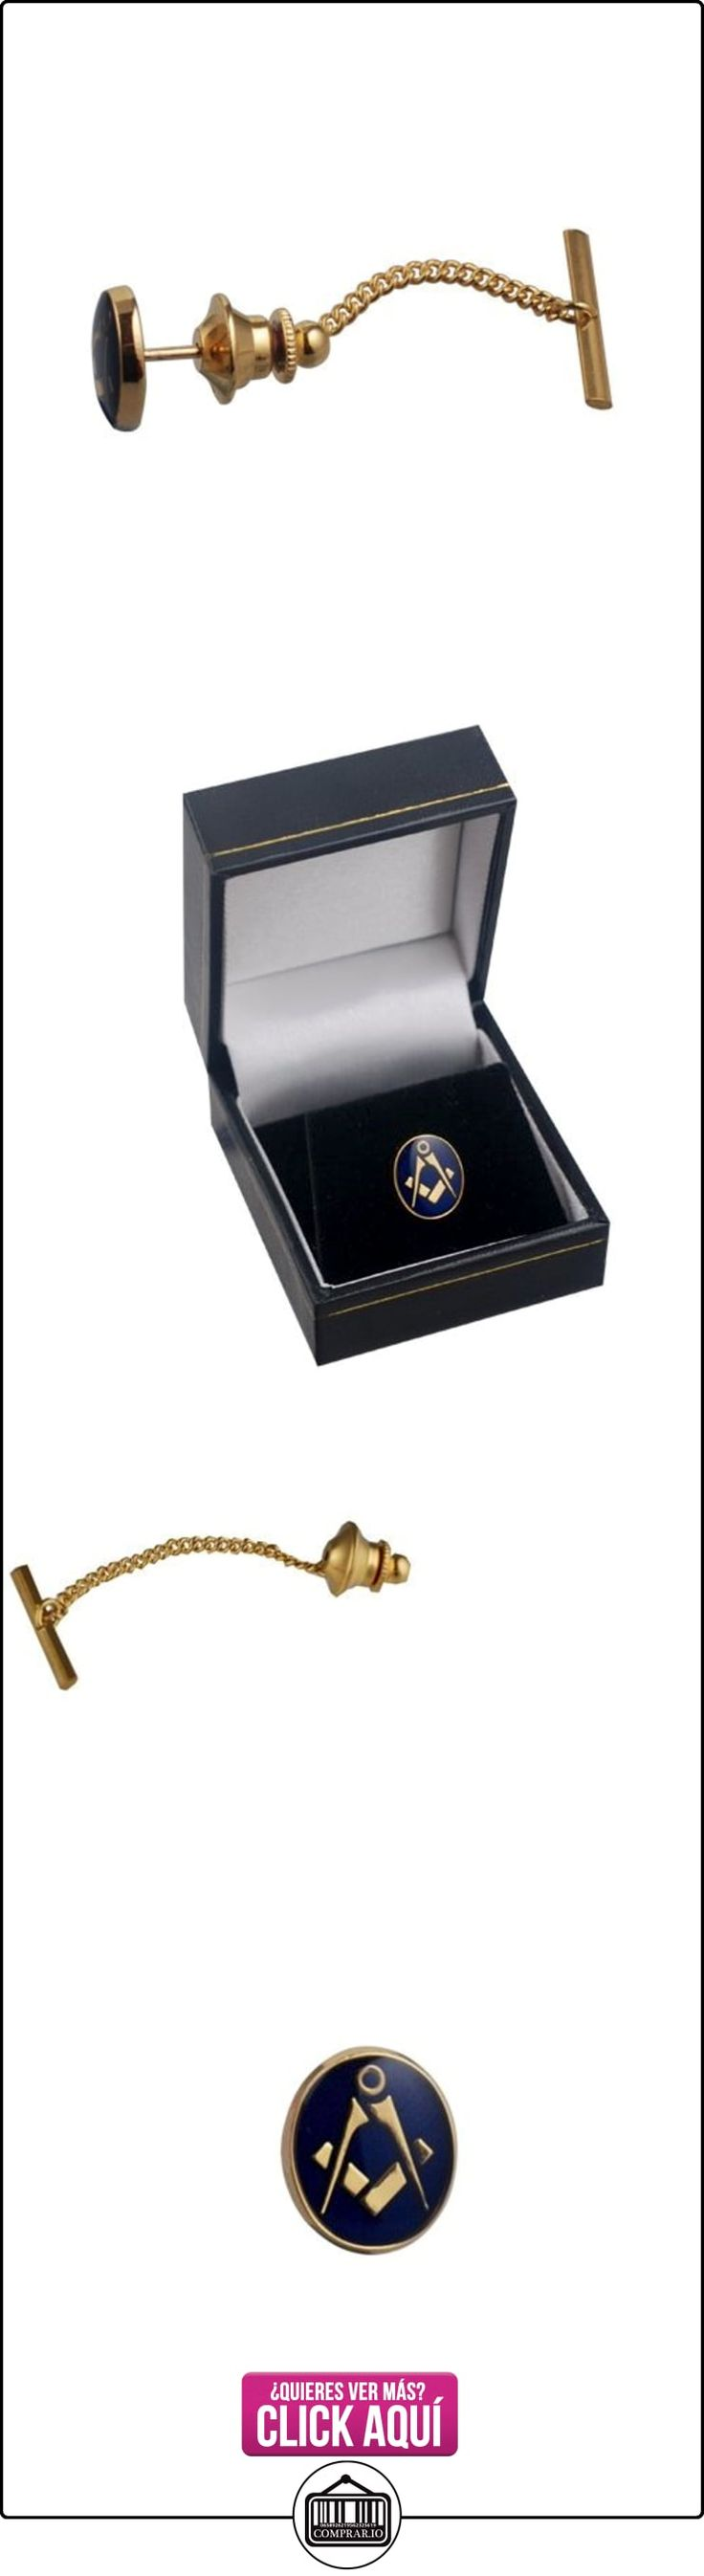 Duro, chapado en oro, 12 x 10 mm, ovalado esmaltada polimerización en frío maçonnique con alfileres de corbata  ✿ Joyas para niños - Regalos ✿ ▬► Ver oferta: http://comprar.io/goto/B00SJGY27O